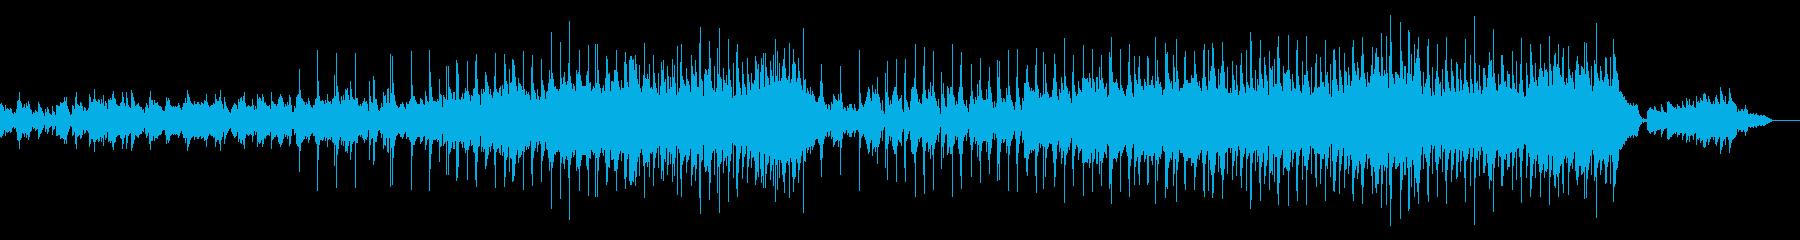 ピアノを使った切ない感動的なバラードの再生済みの波形